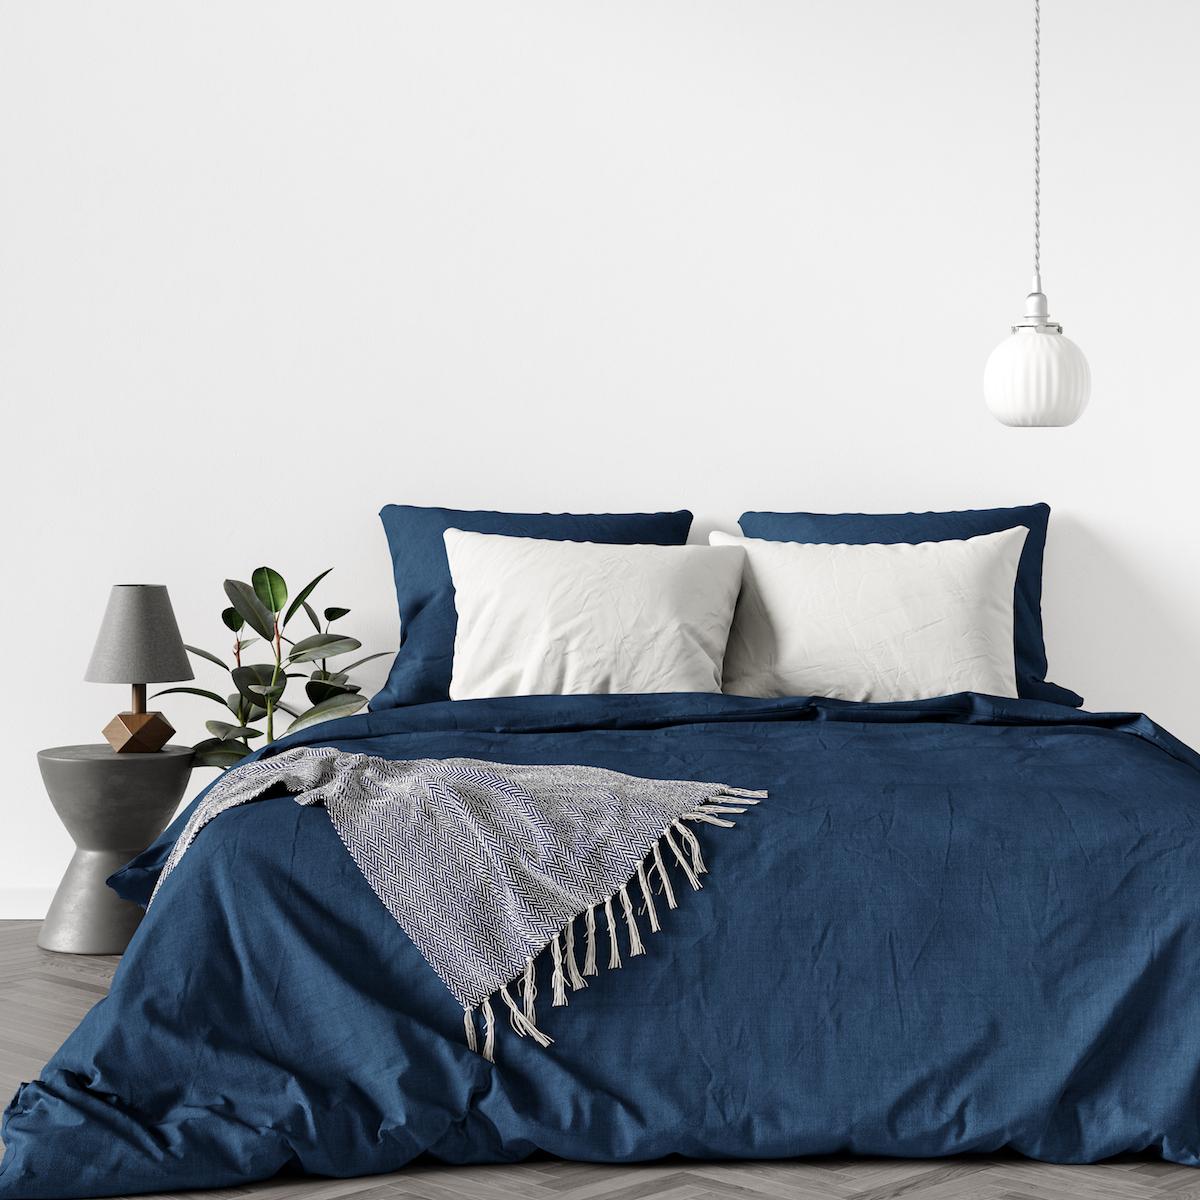 Project 03 - Bedroom - Set 02.jpg